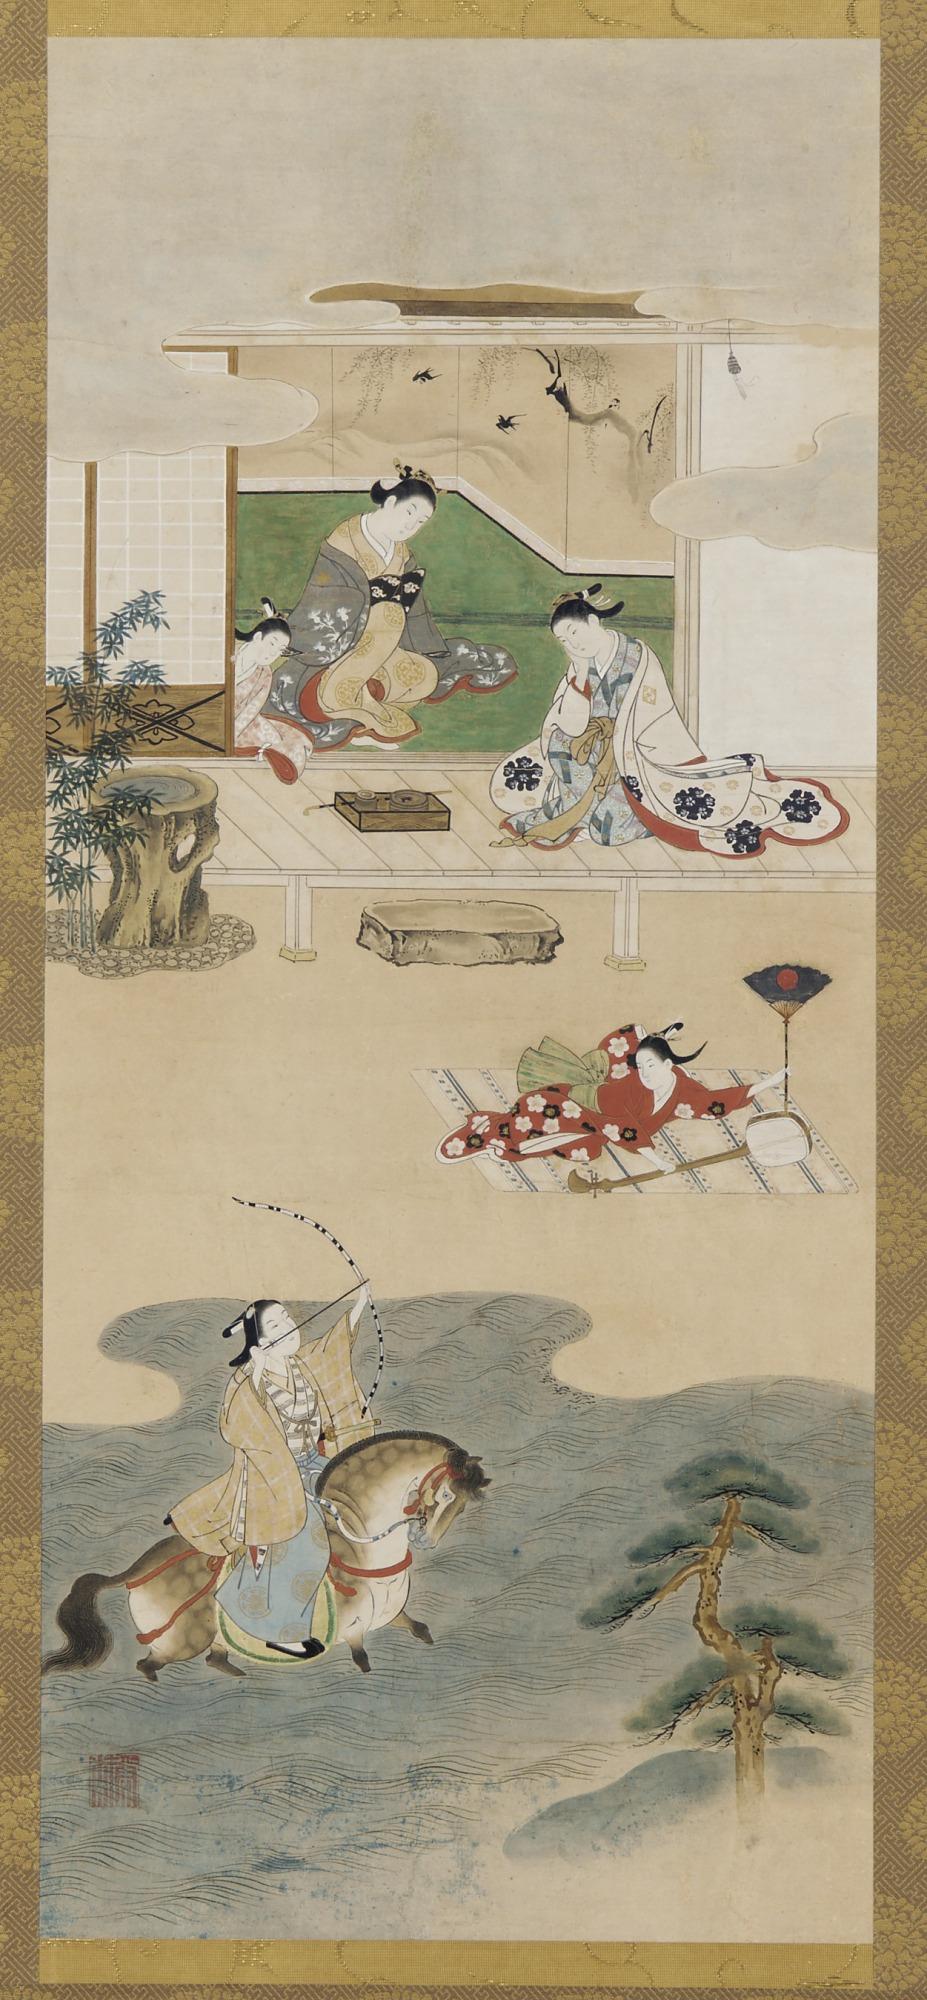 image: Parody of the tale of Nasu no Yoichi